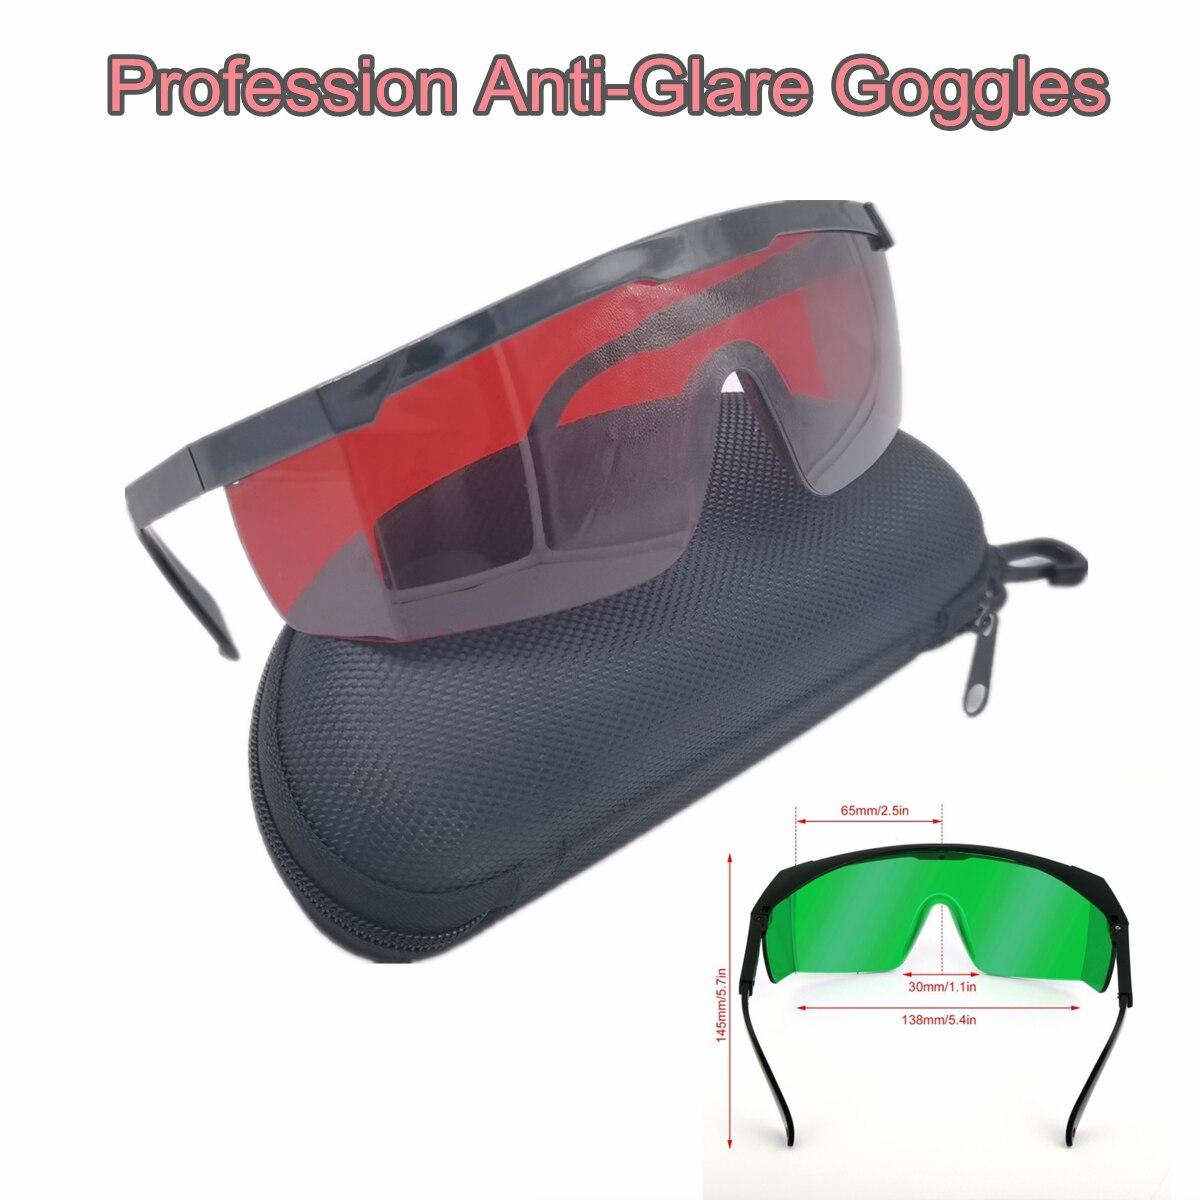 Профессиональные лазерные гравировальные защитные очки NEJE, профессиональные лазерные антибликовые очки, ветрозащитные очки для работы